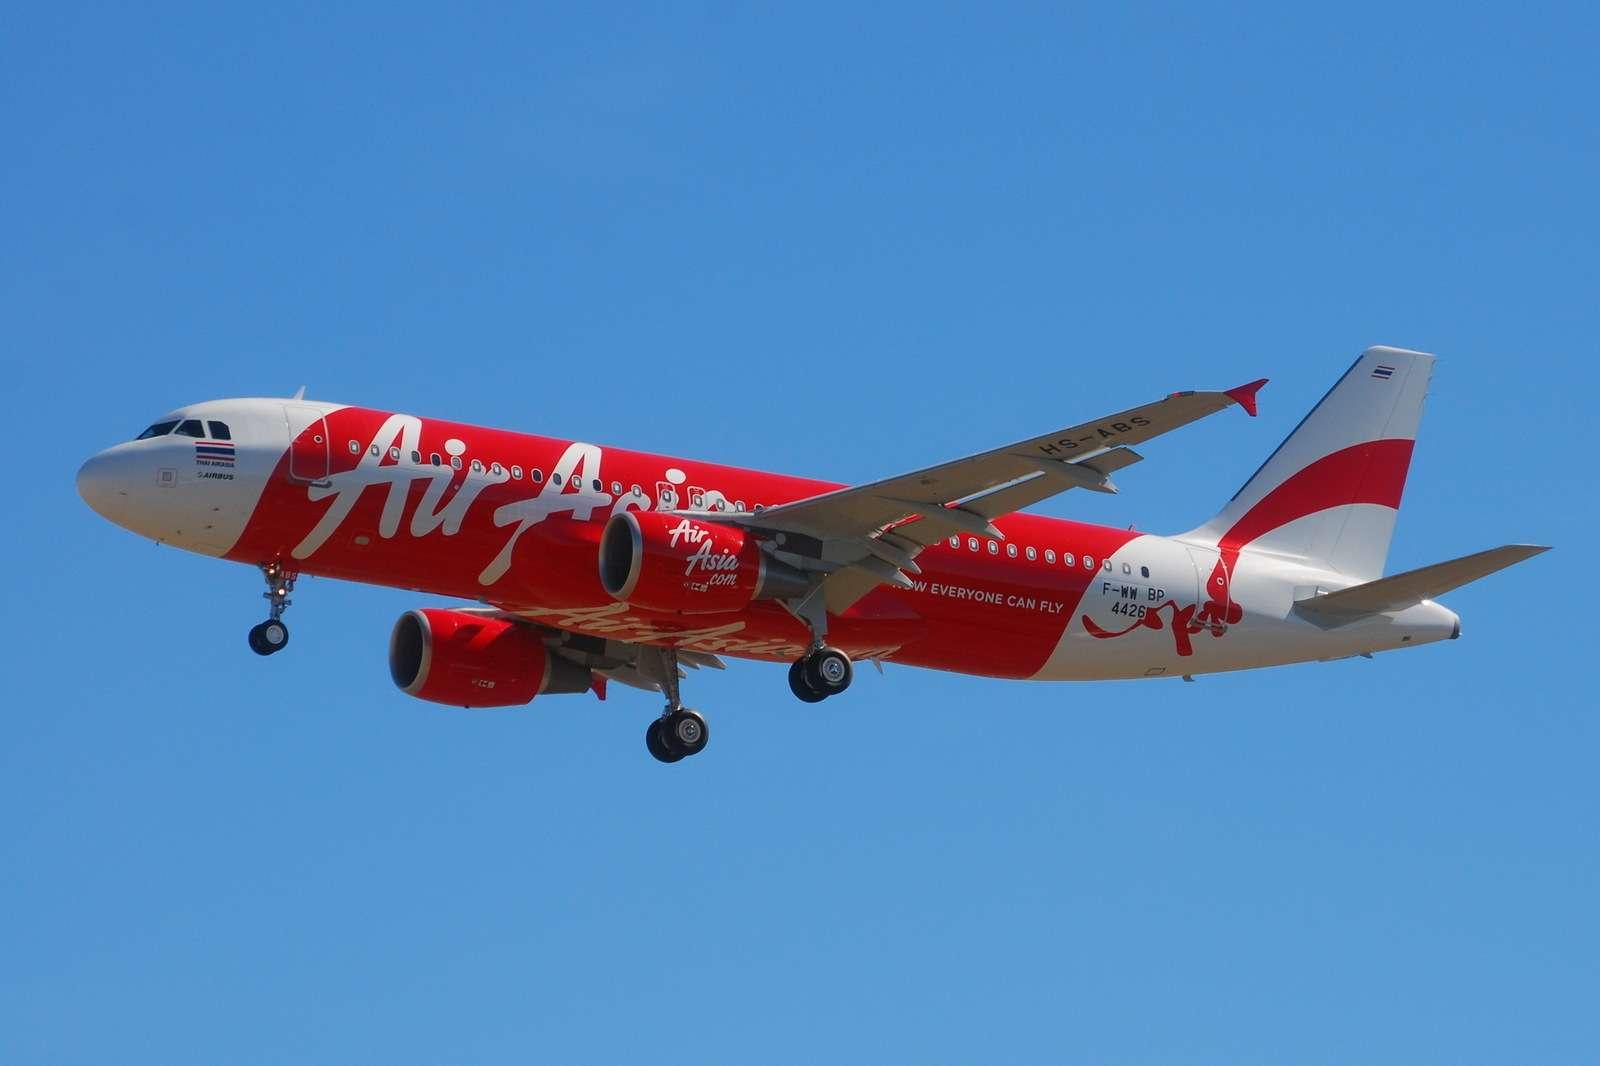 Avião do mesmo modelo do AirAsia que desapareceu na Indonésia Foto: Laurent ERRERA/Wikimedia Commons